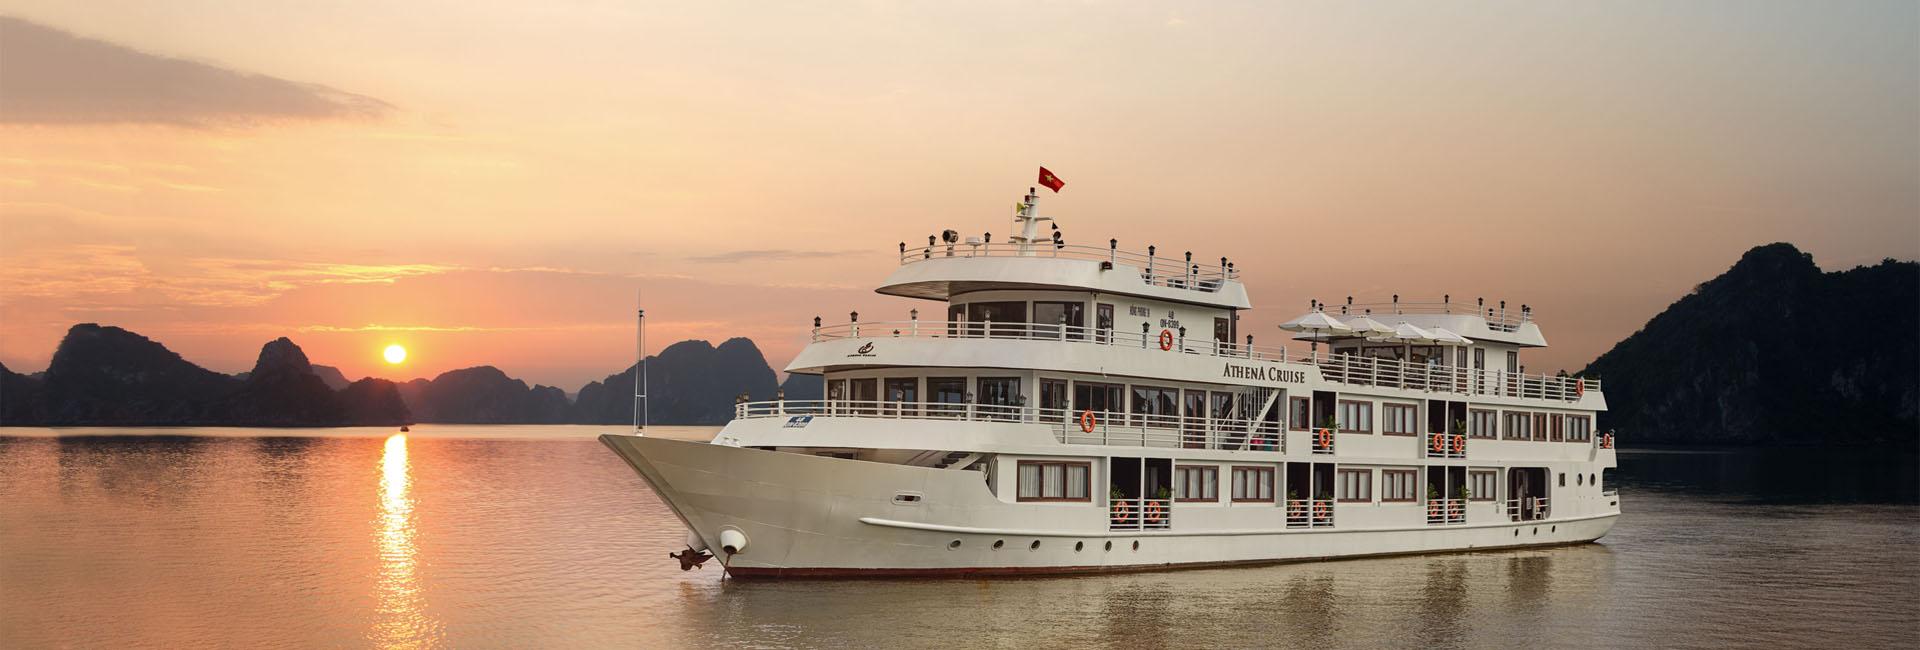 Athena Luxury Cruise banner